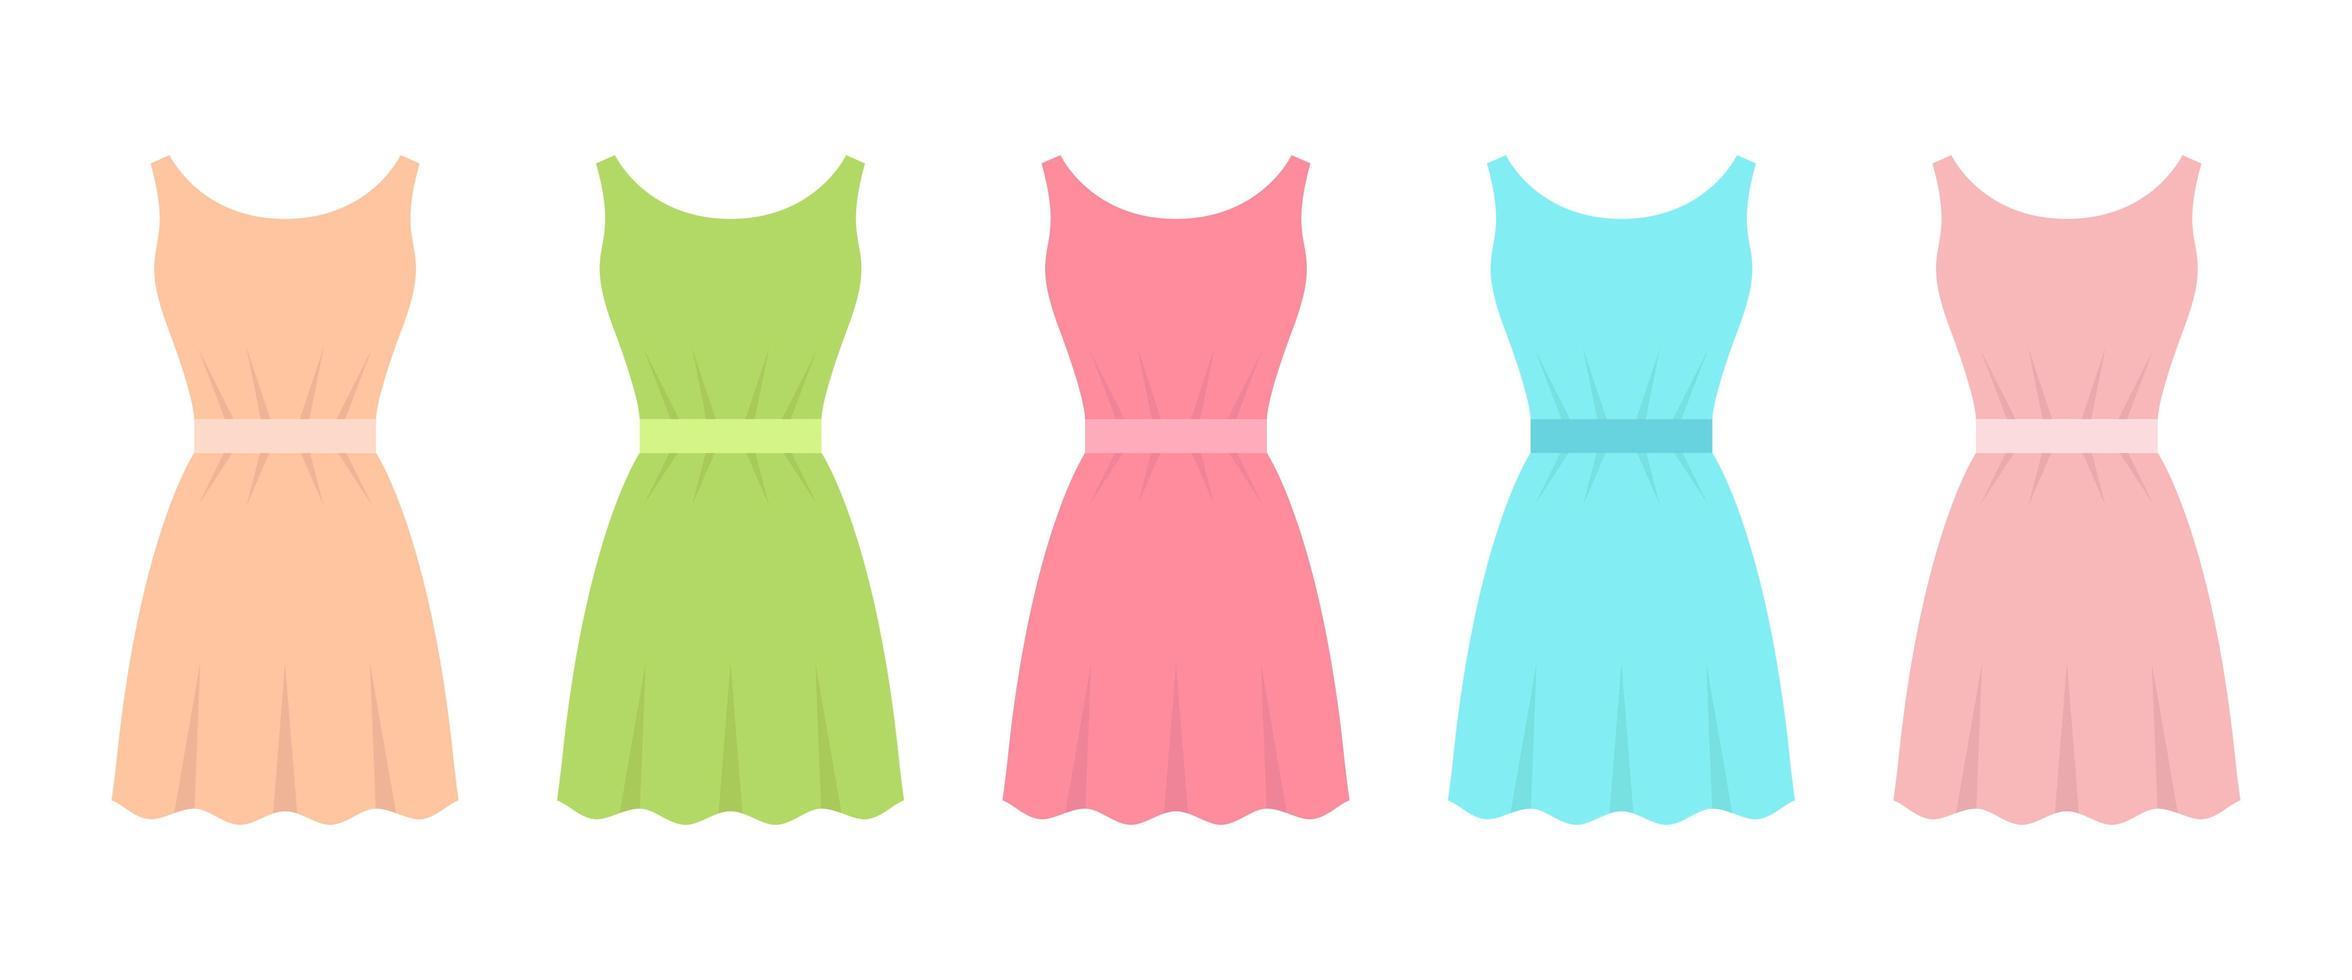 jurk in platte ontwerp vectorillustratie geïsoleerd op een witte achtergrond vector